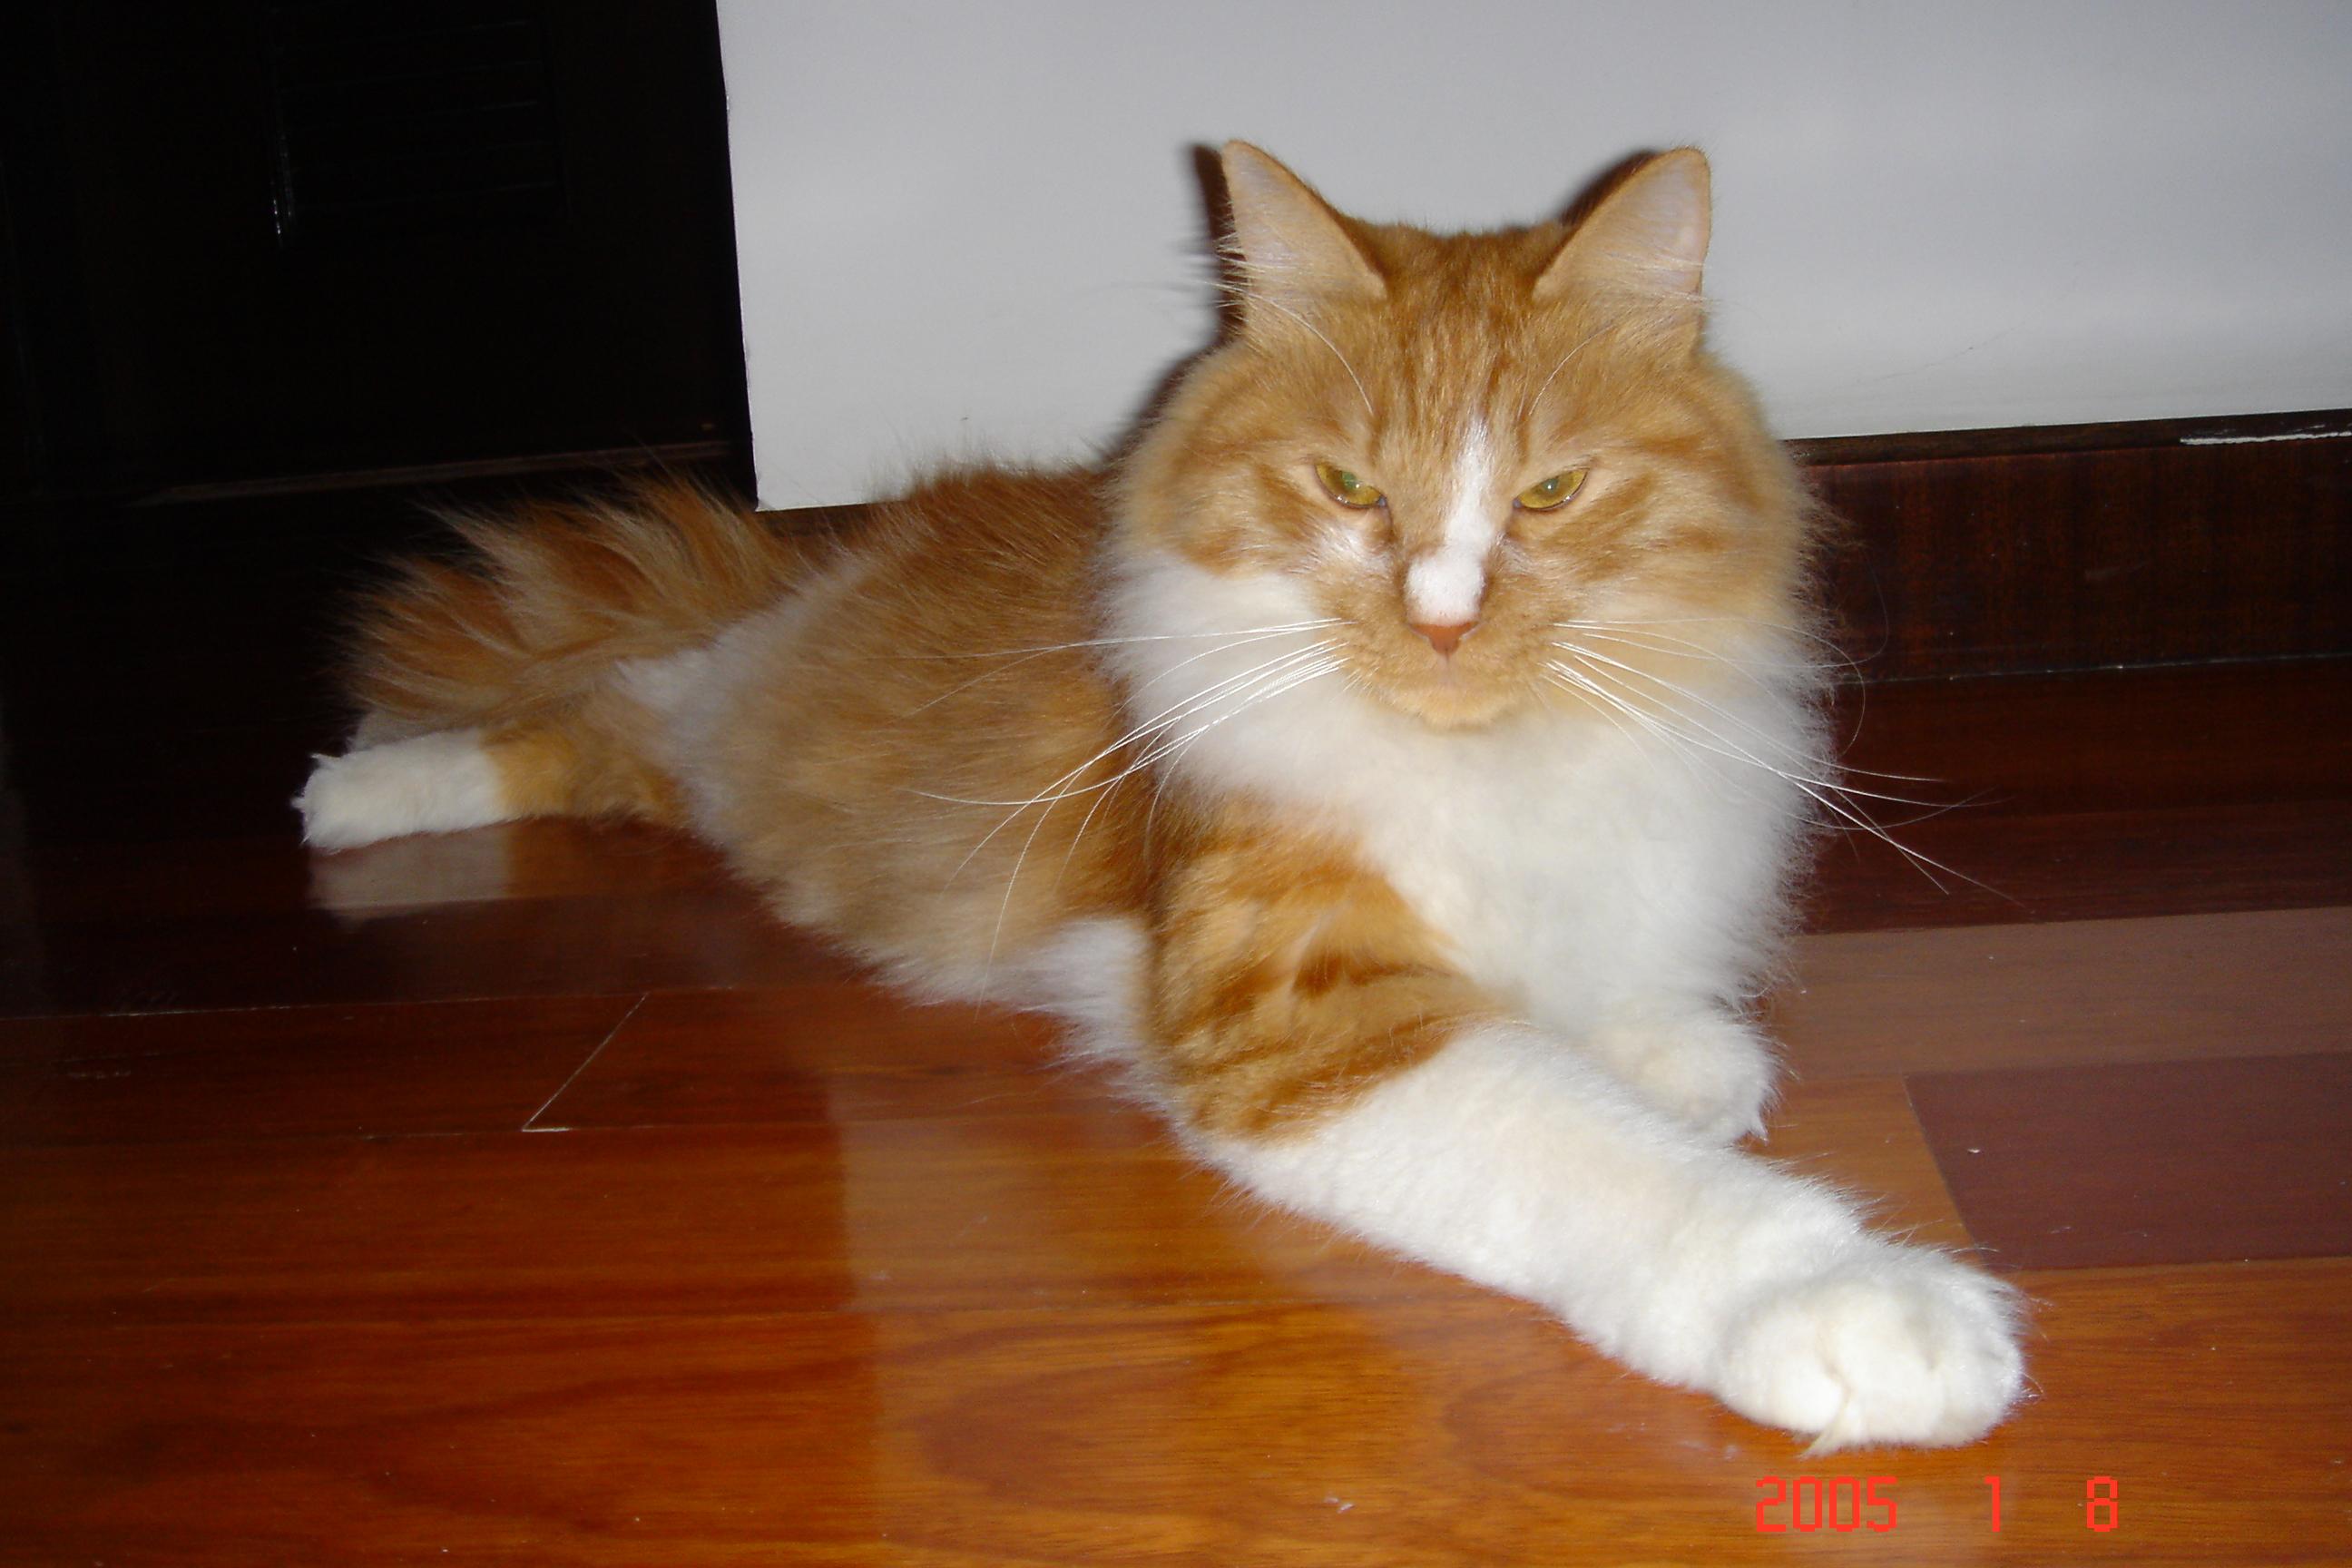 壁纸 动物 猫 猫咪 小猫 桌面 2592_1728